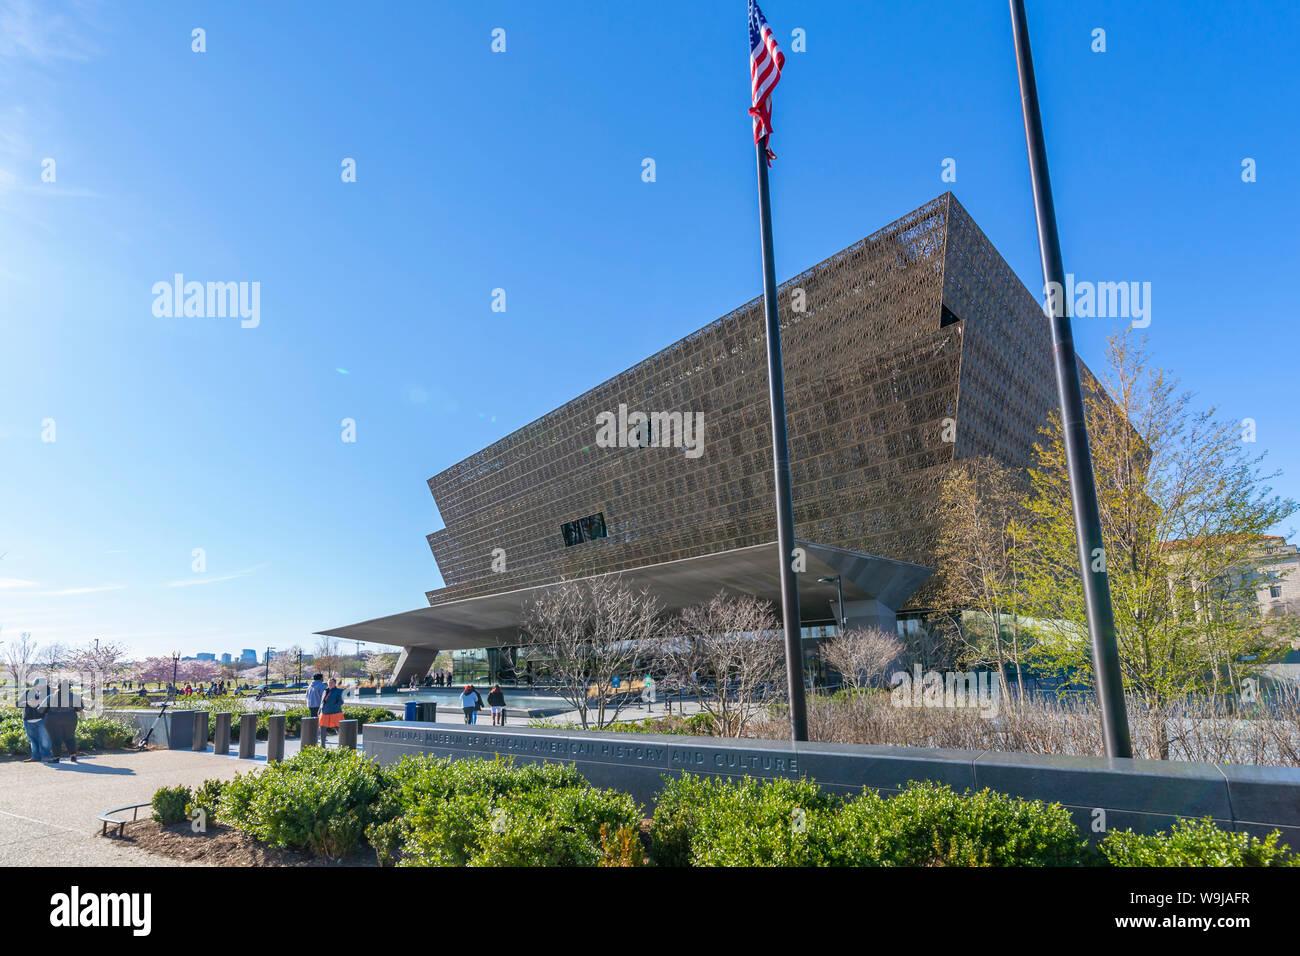 El Museo Nacional de Historia y Cultura Afroamericana en primavera, Washington D.C., Estados Unidos de América, América del Norte Foto de stock